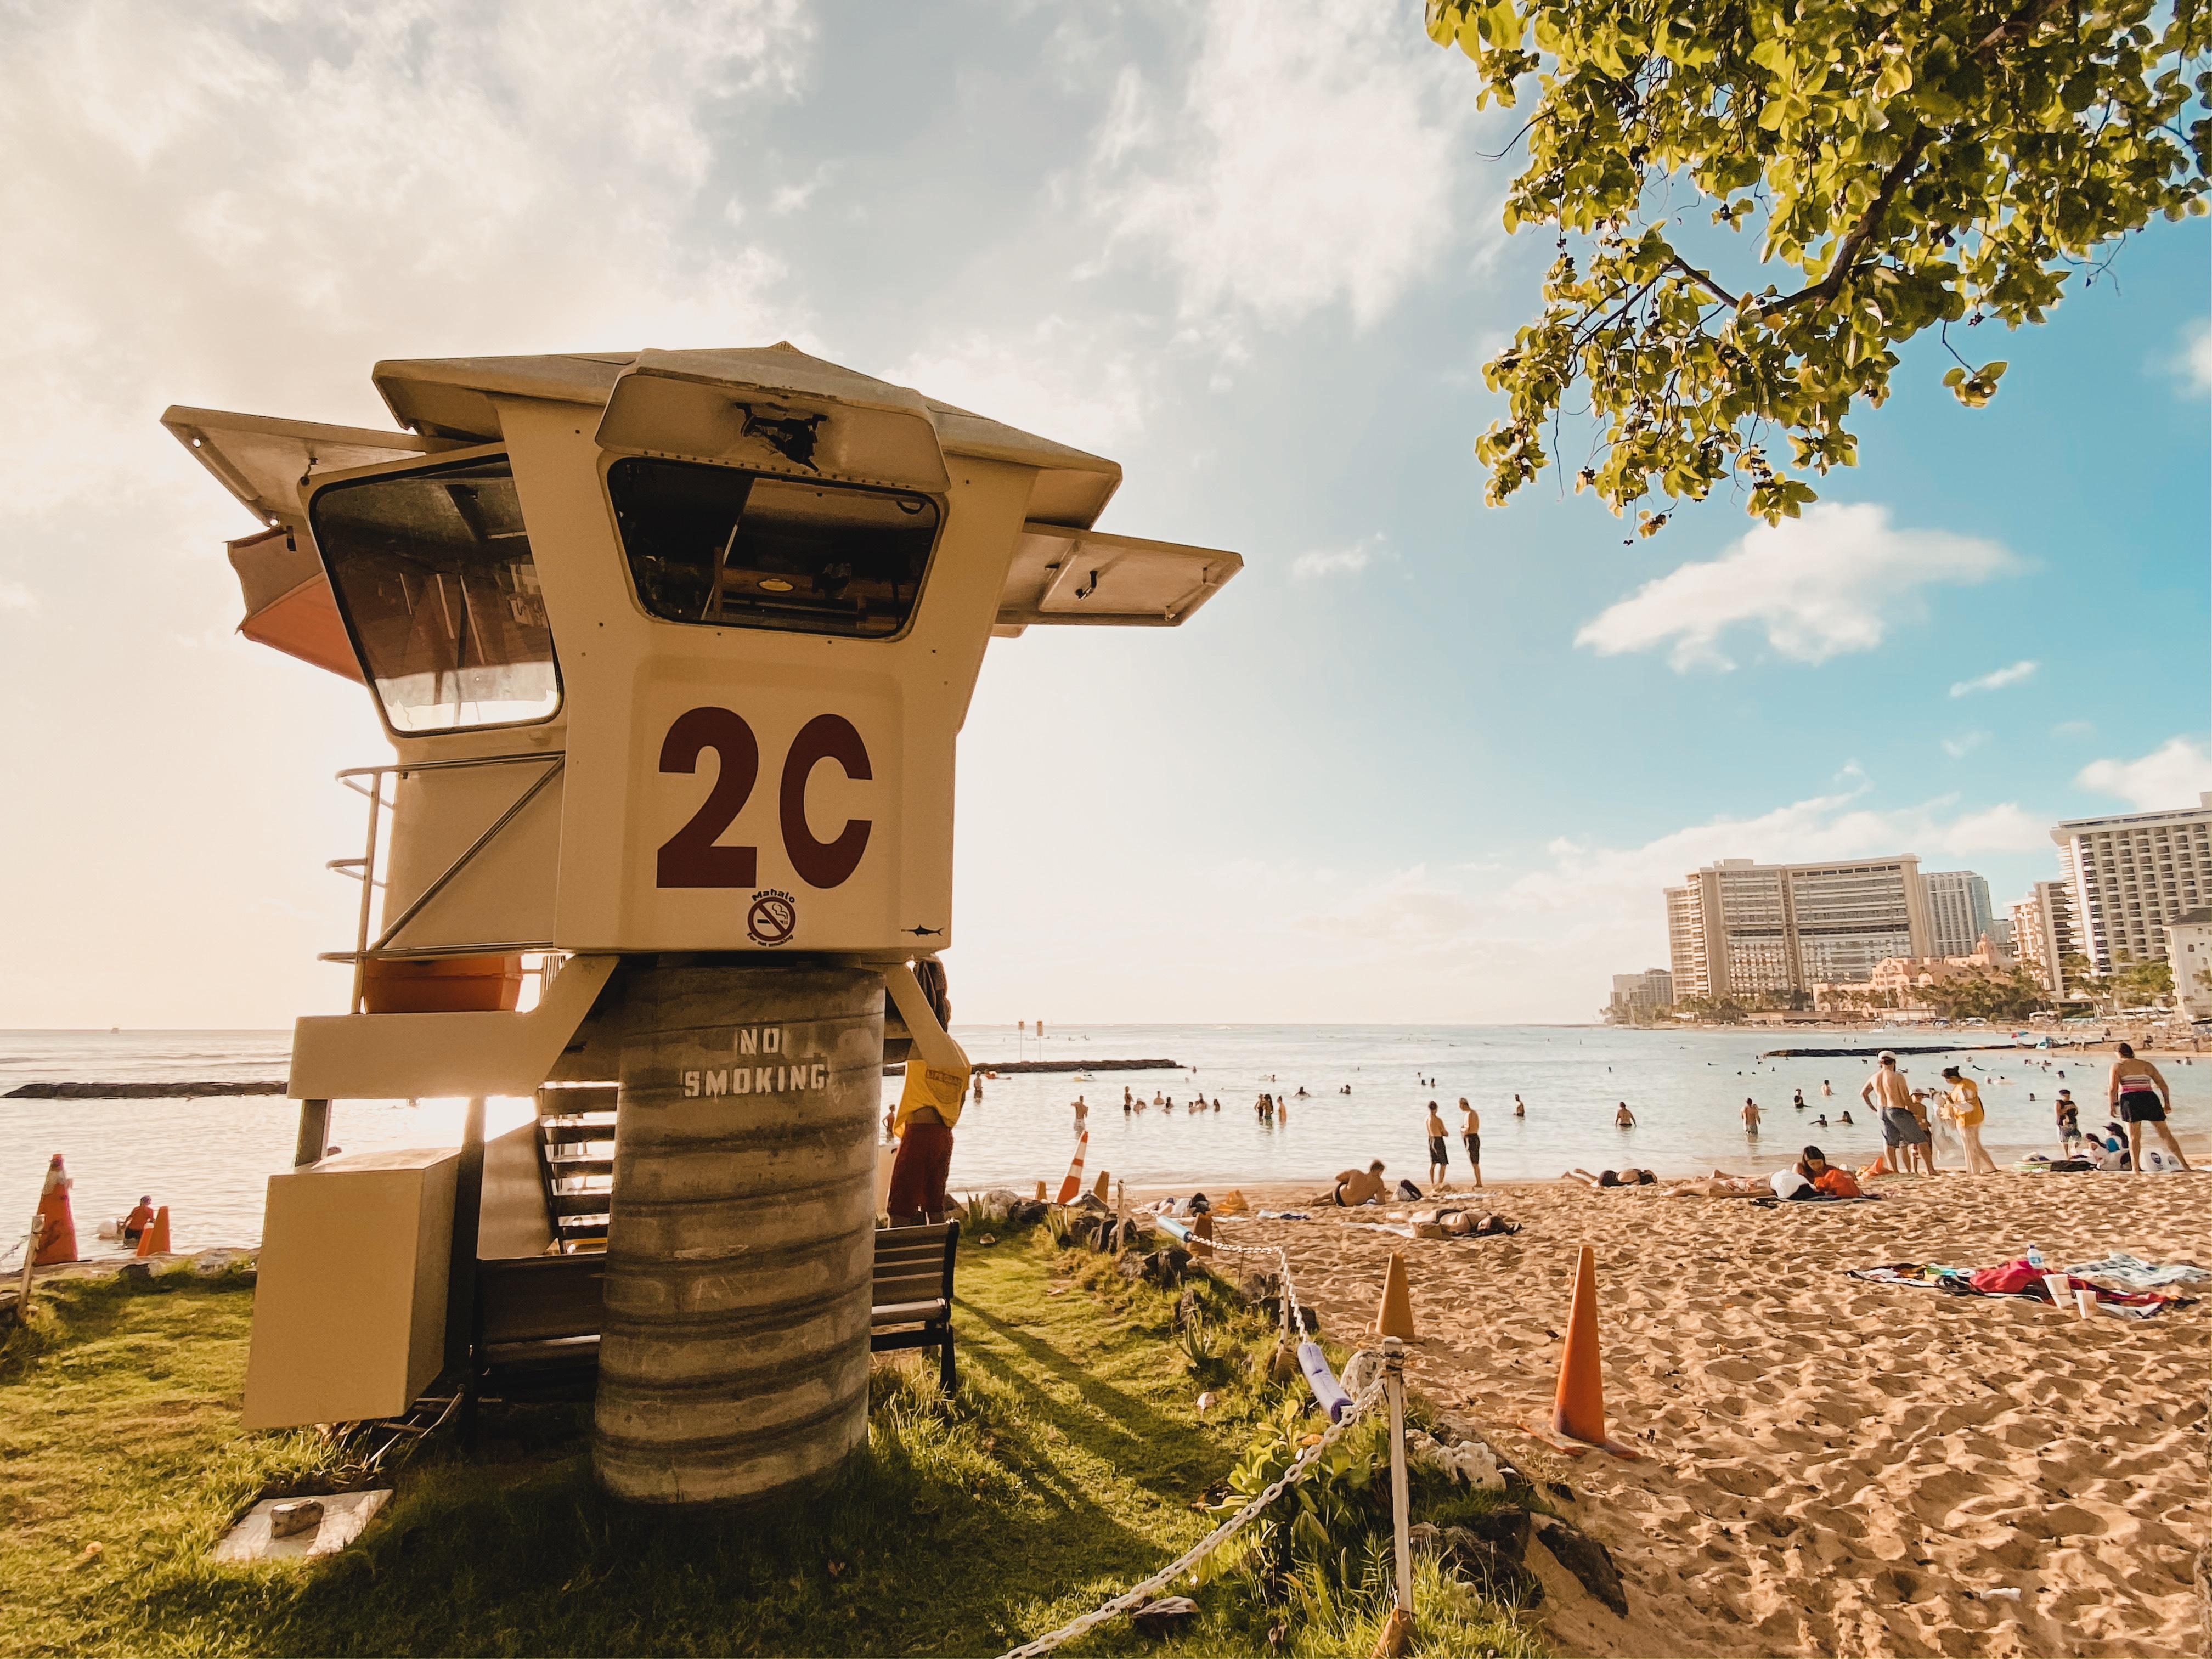 Waikiki beach sun and sand